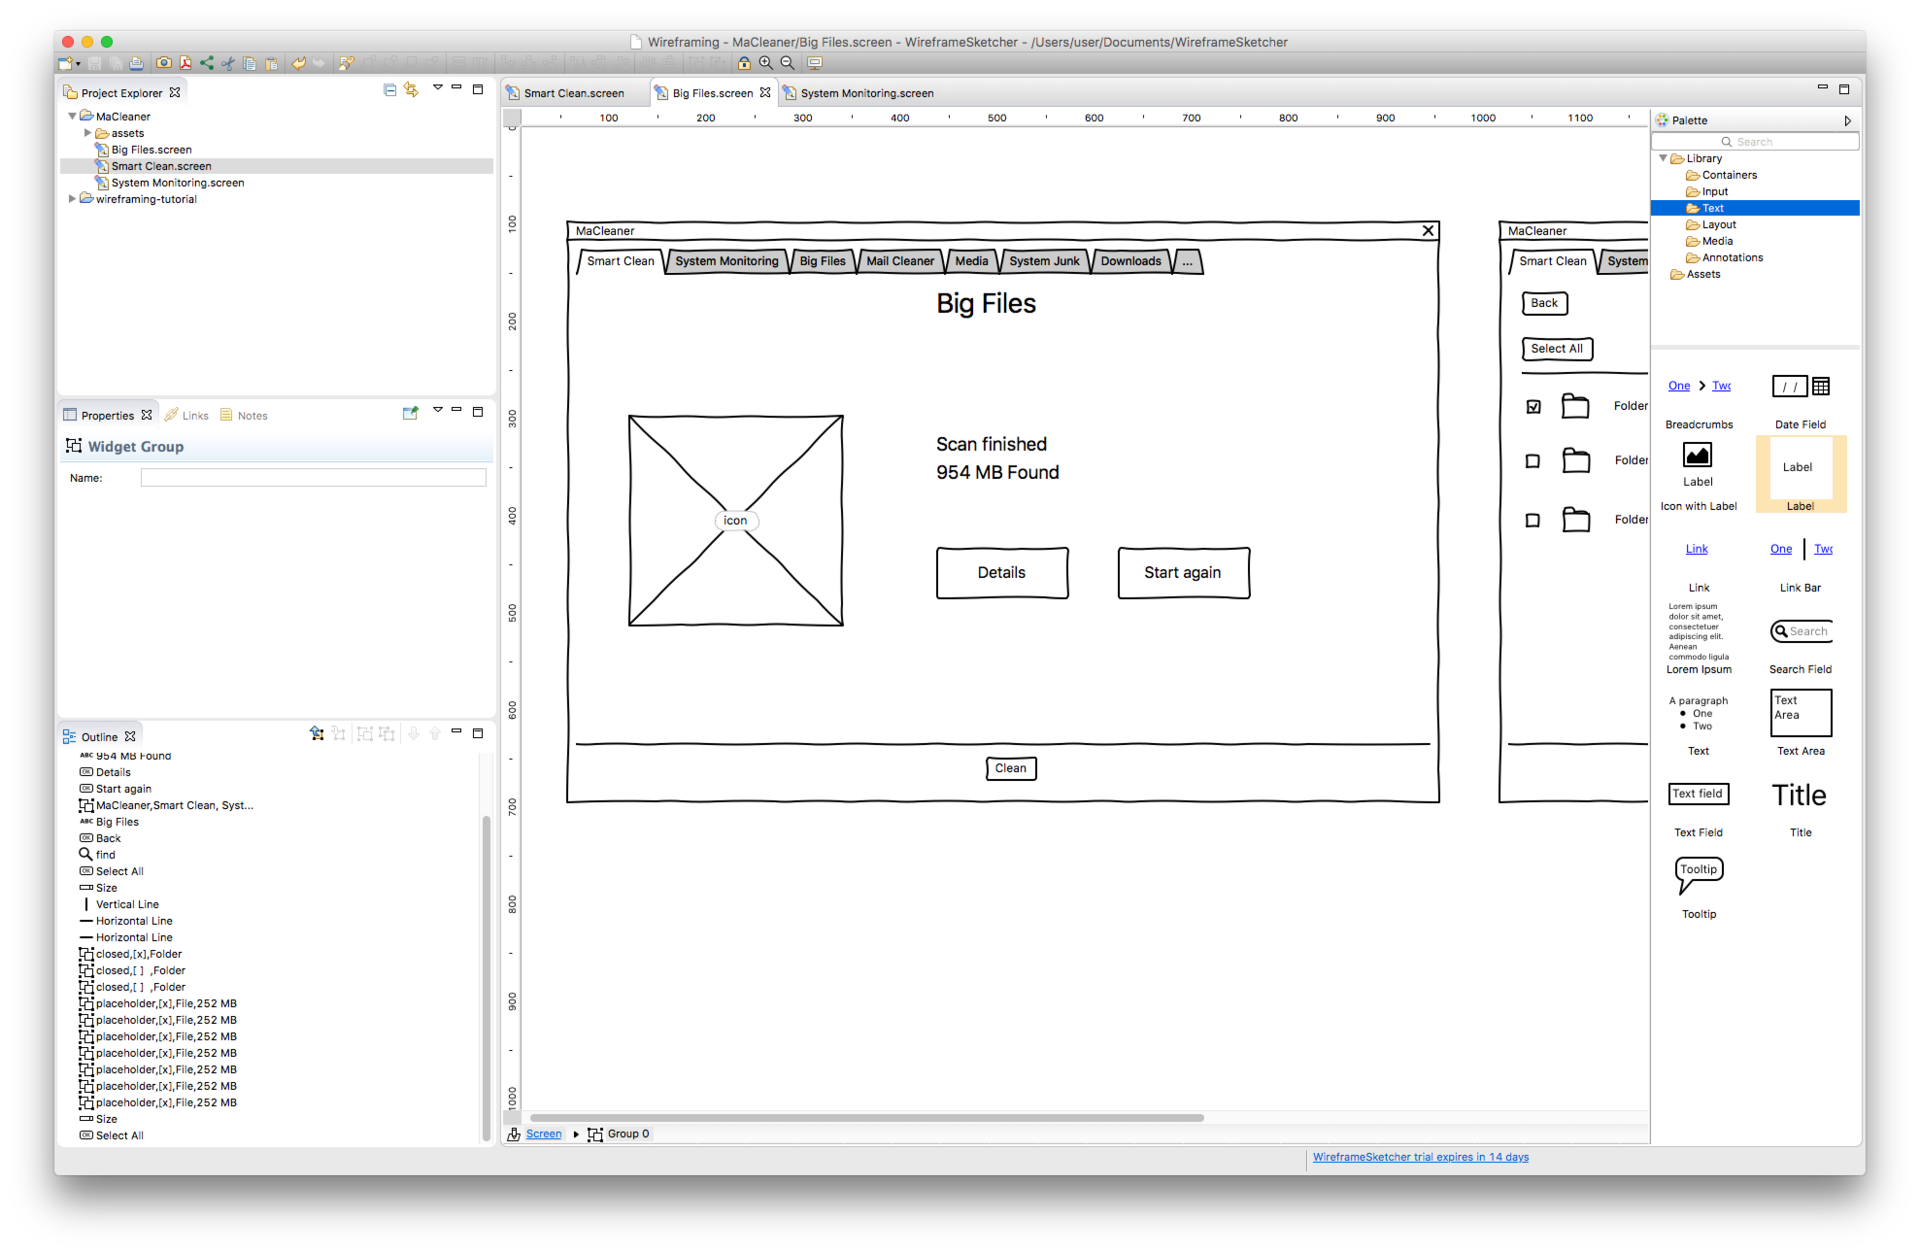 Инструменты для прототипирования на Mac: сопоставительная характеристика - 4